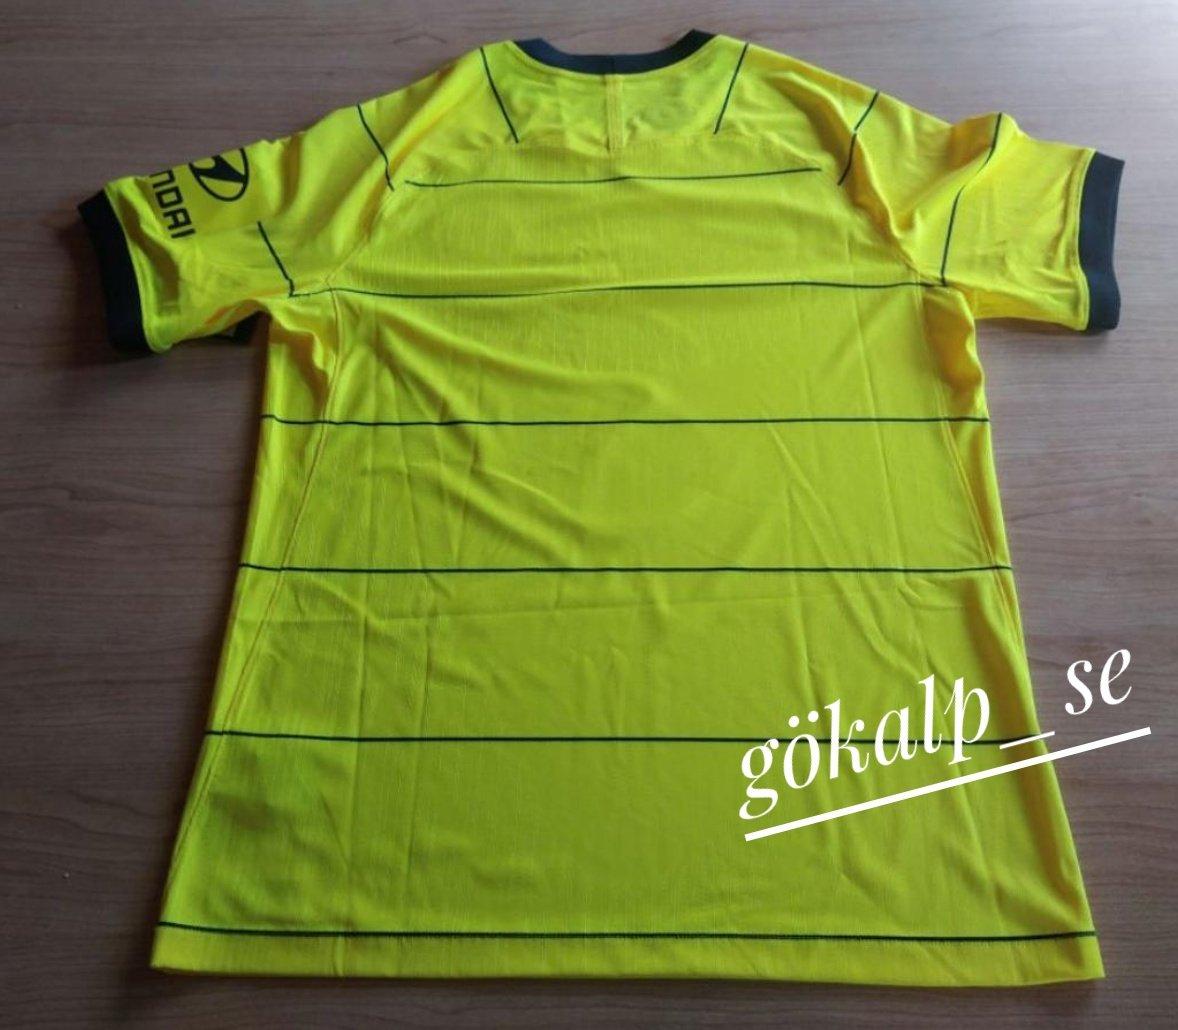 Chelsea 2022 nouveau maillot exterieur Nike dos